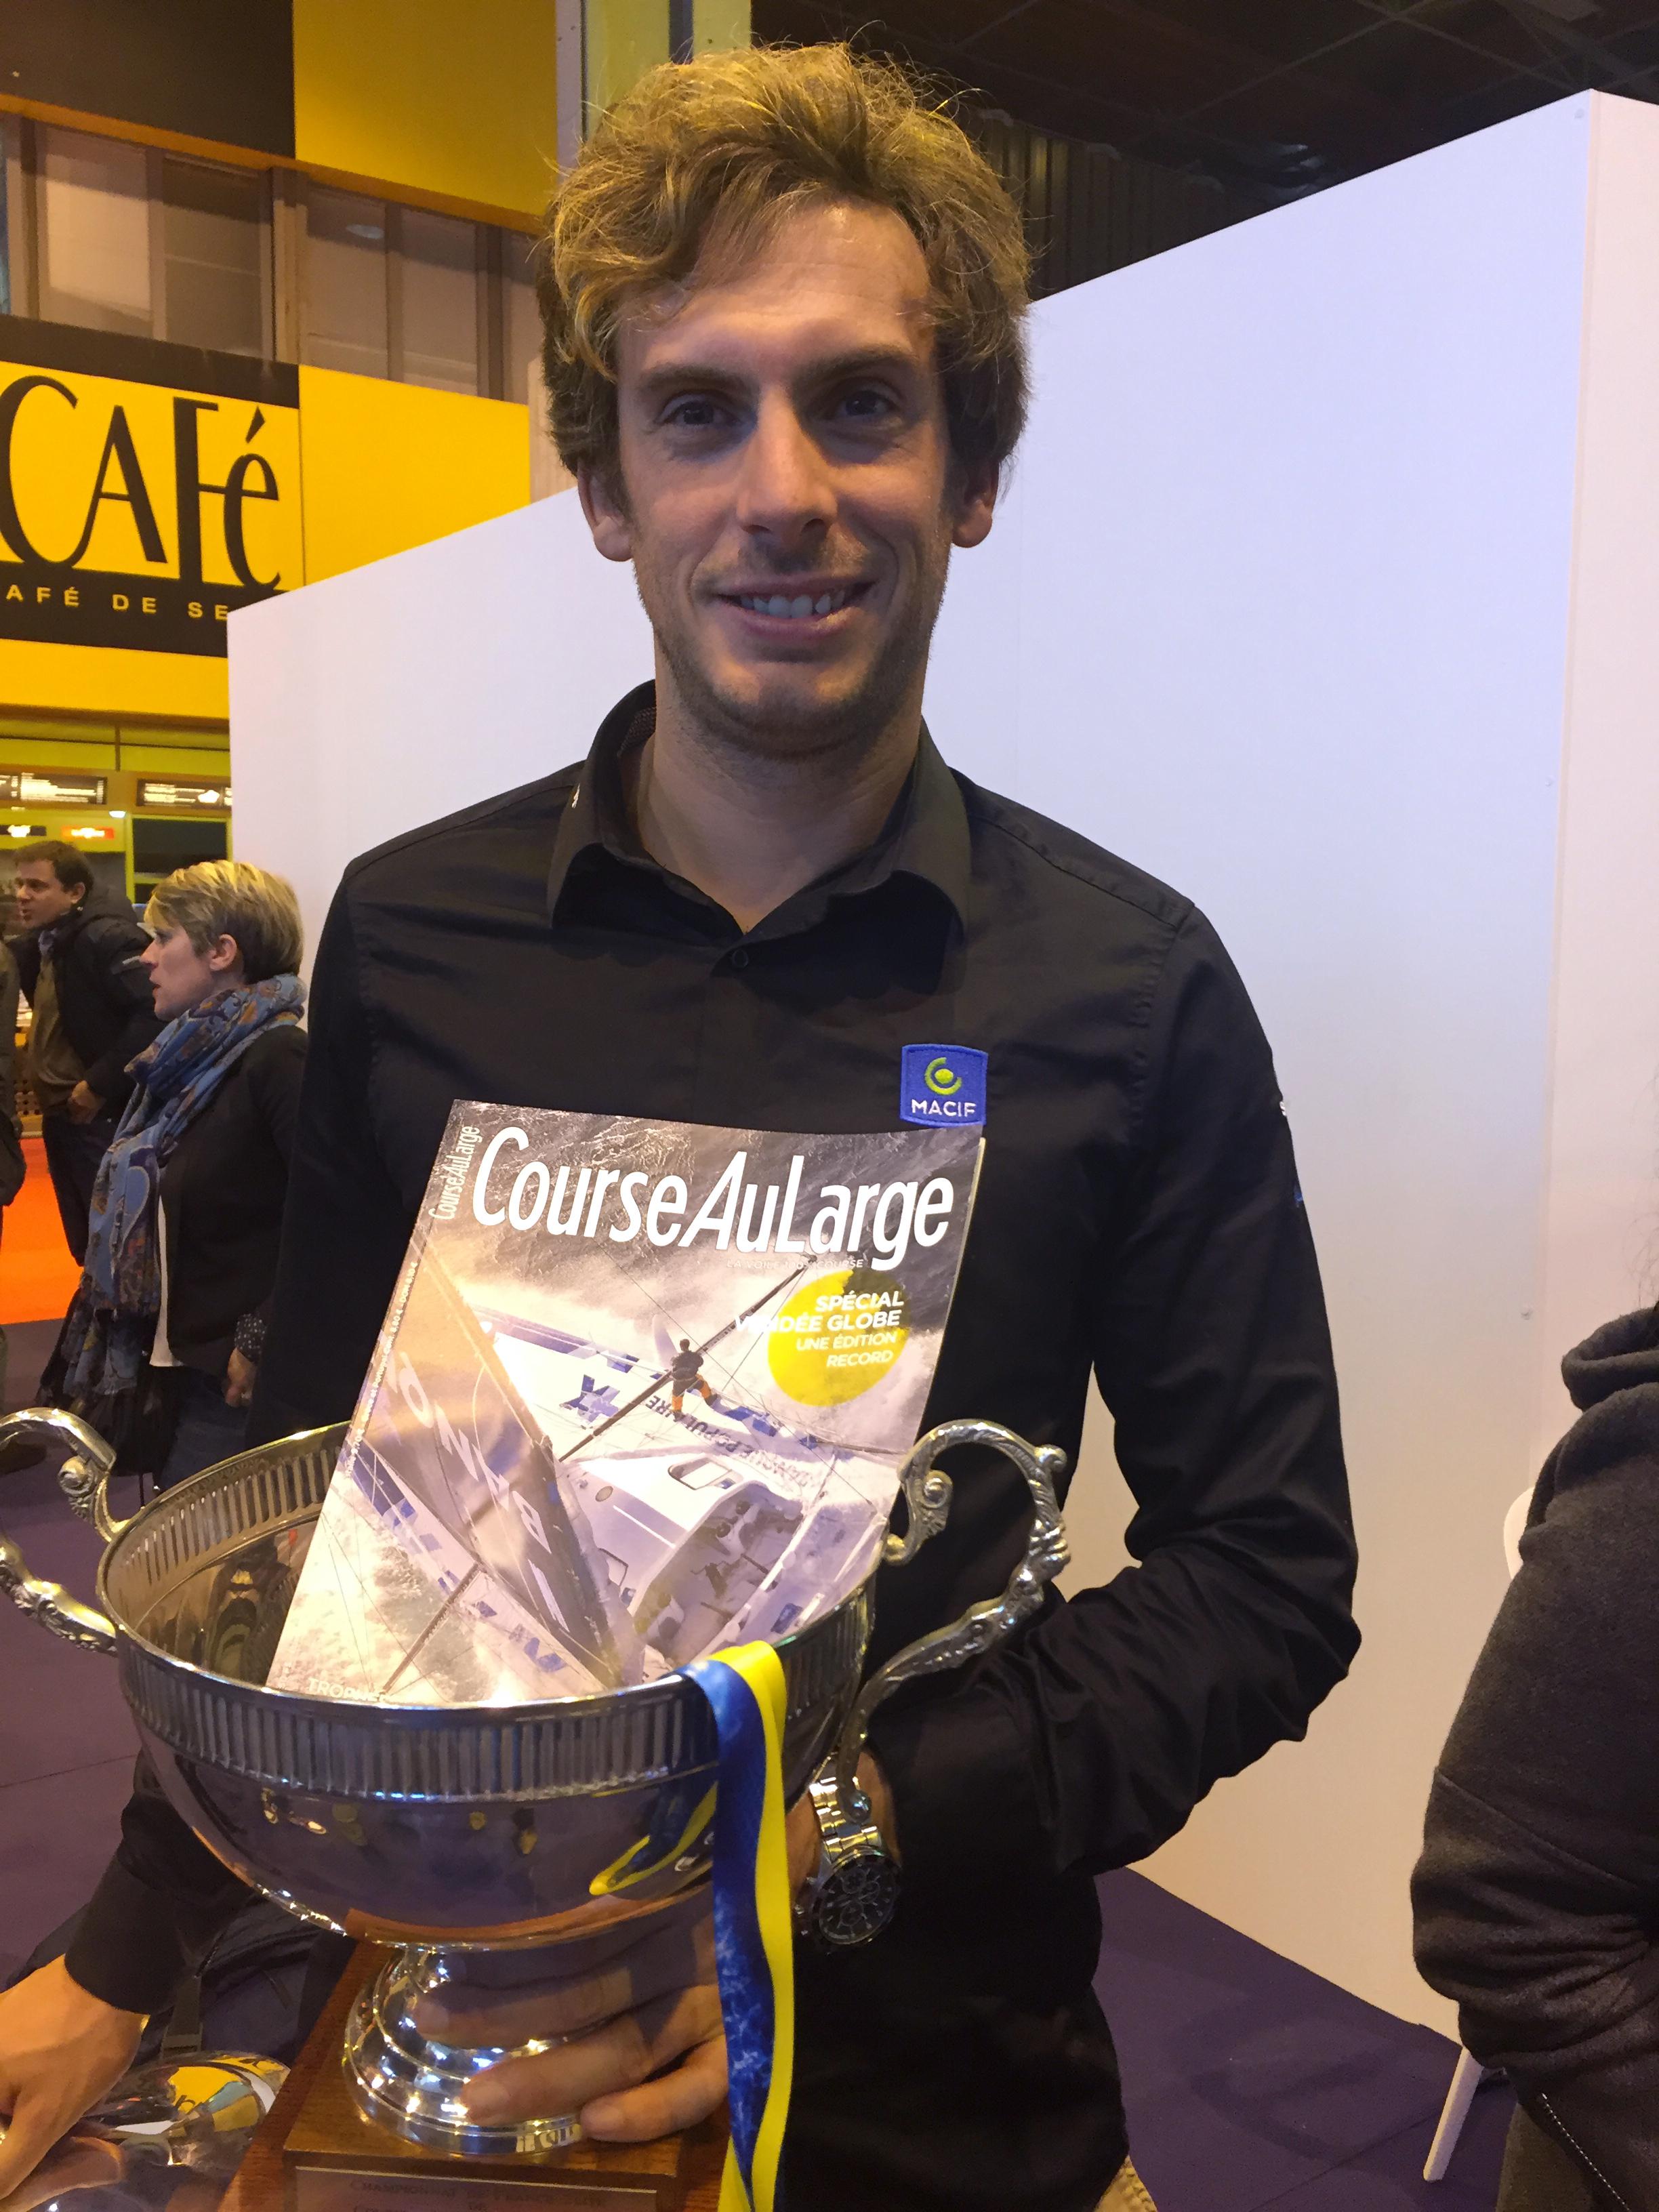 Charlie Dalin a reçu son trophée de champion de France de course au large en solitaire ce samedi au Salon Nautique de Paris.